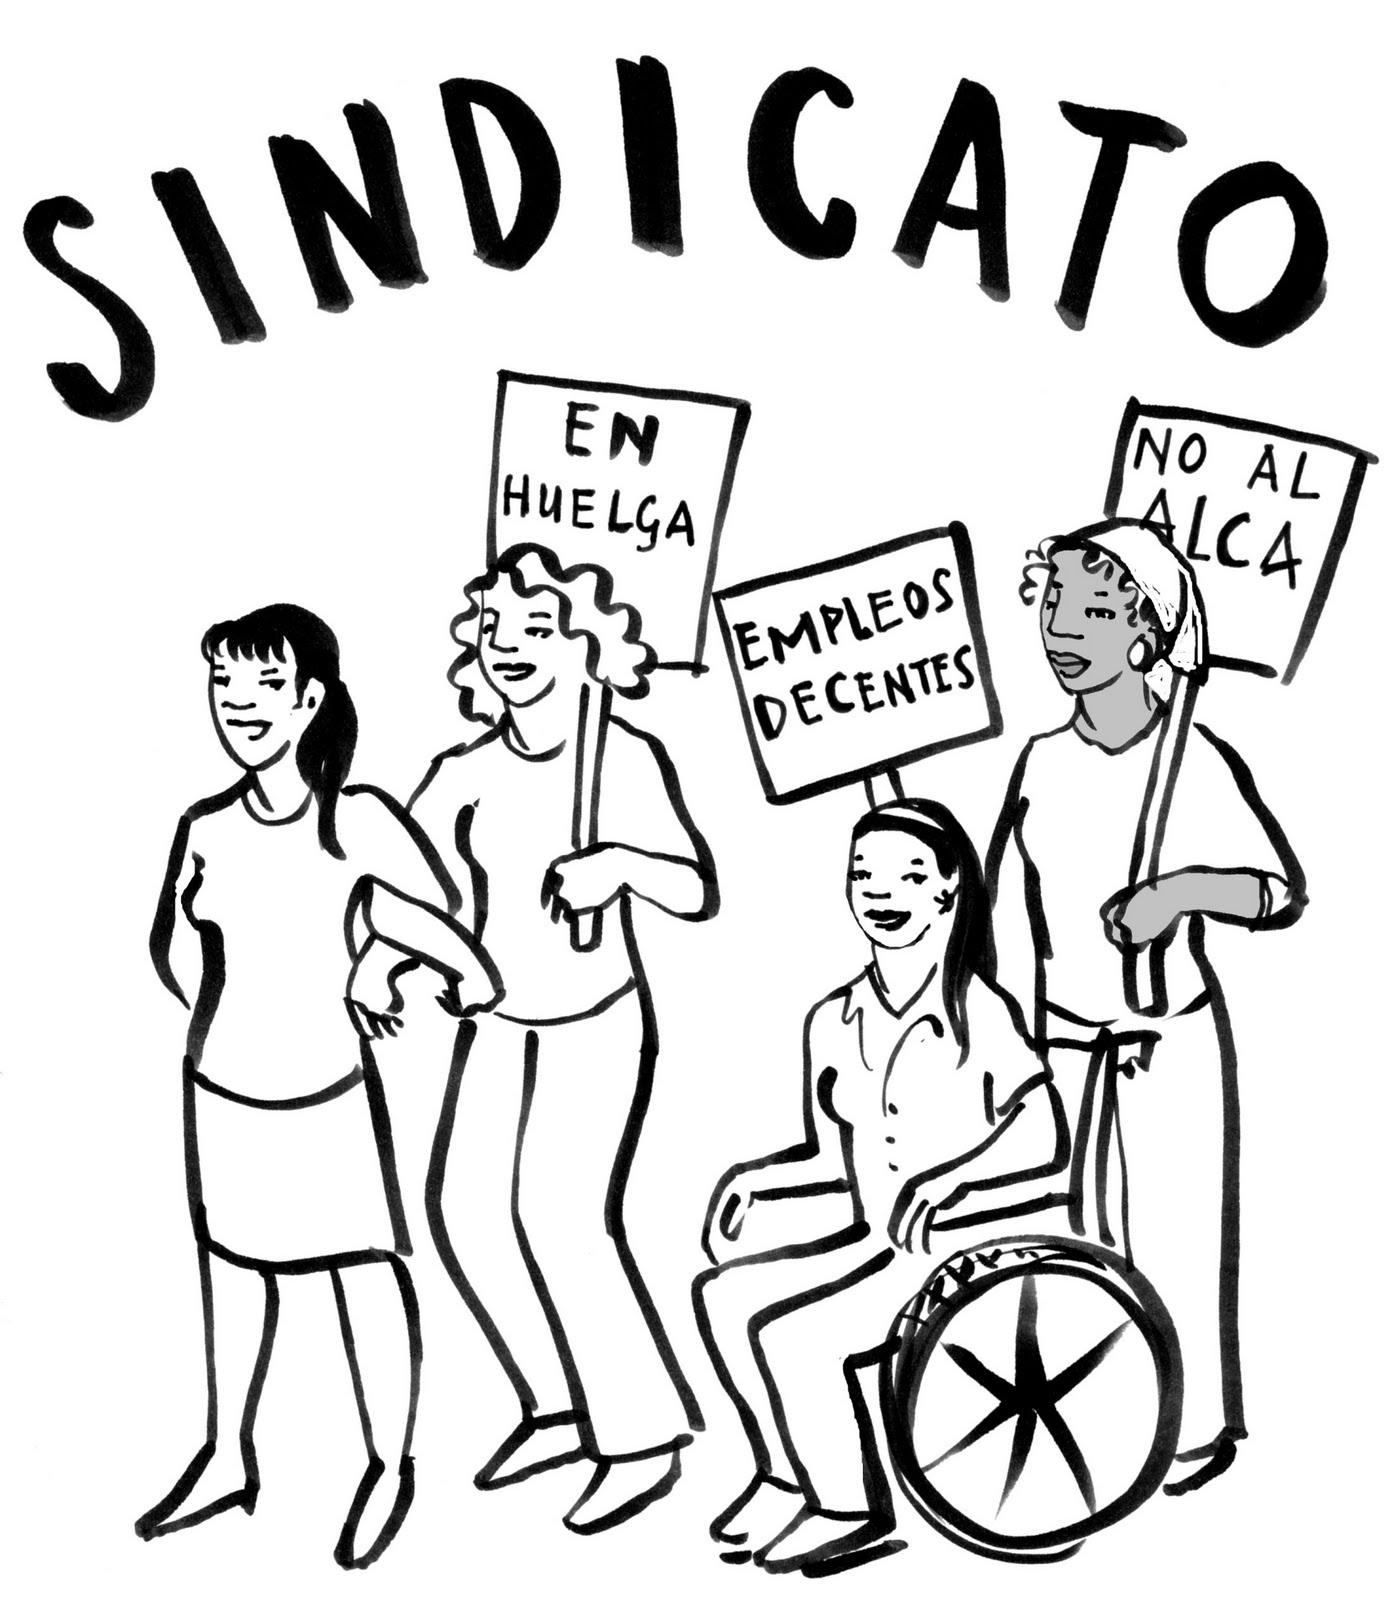 de carácter sindical recibieron el nombre de clubes de obreros o